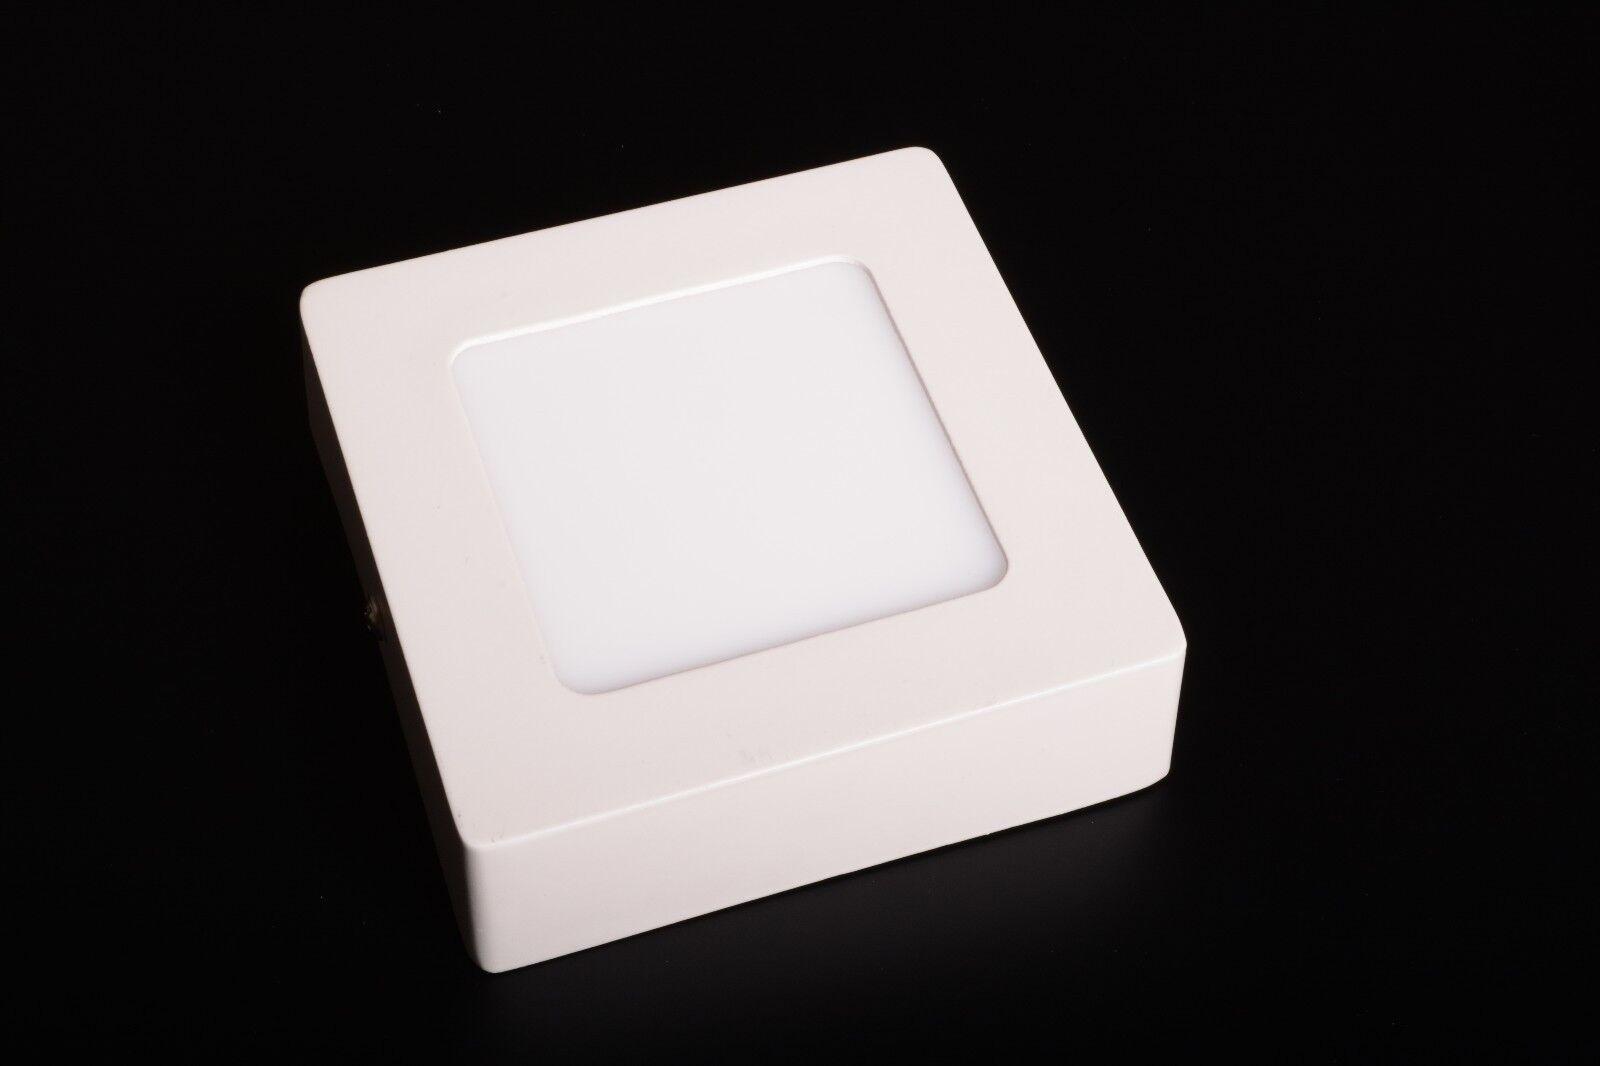 Plafoniere Quadrate Soffitto : Faretto led da soffitto parete plafoniera 6w quadrato 120x120 bianco